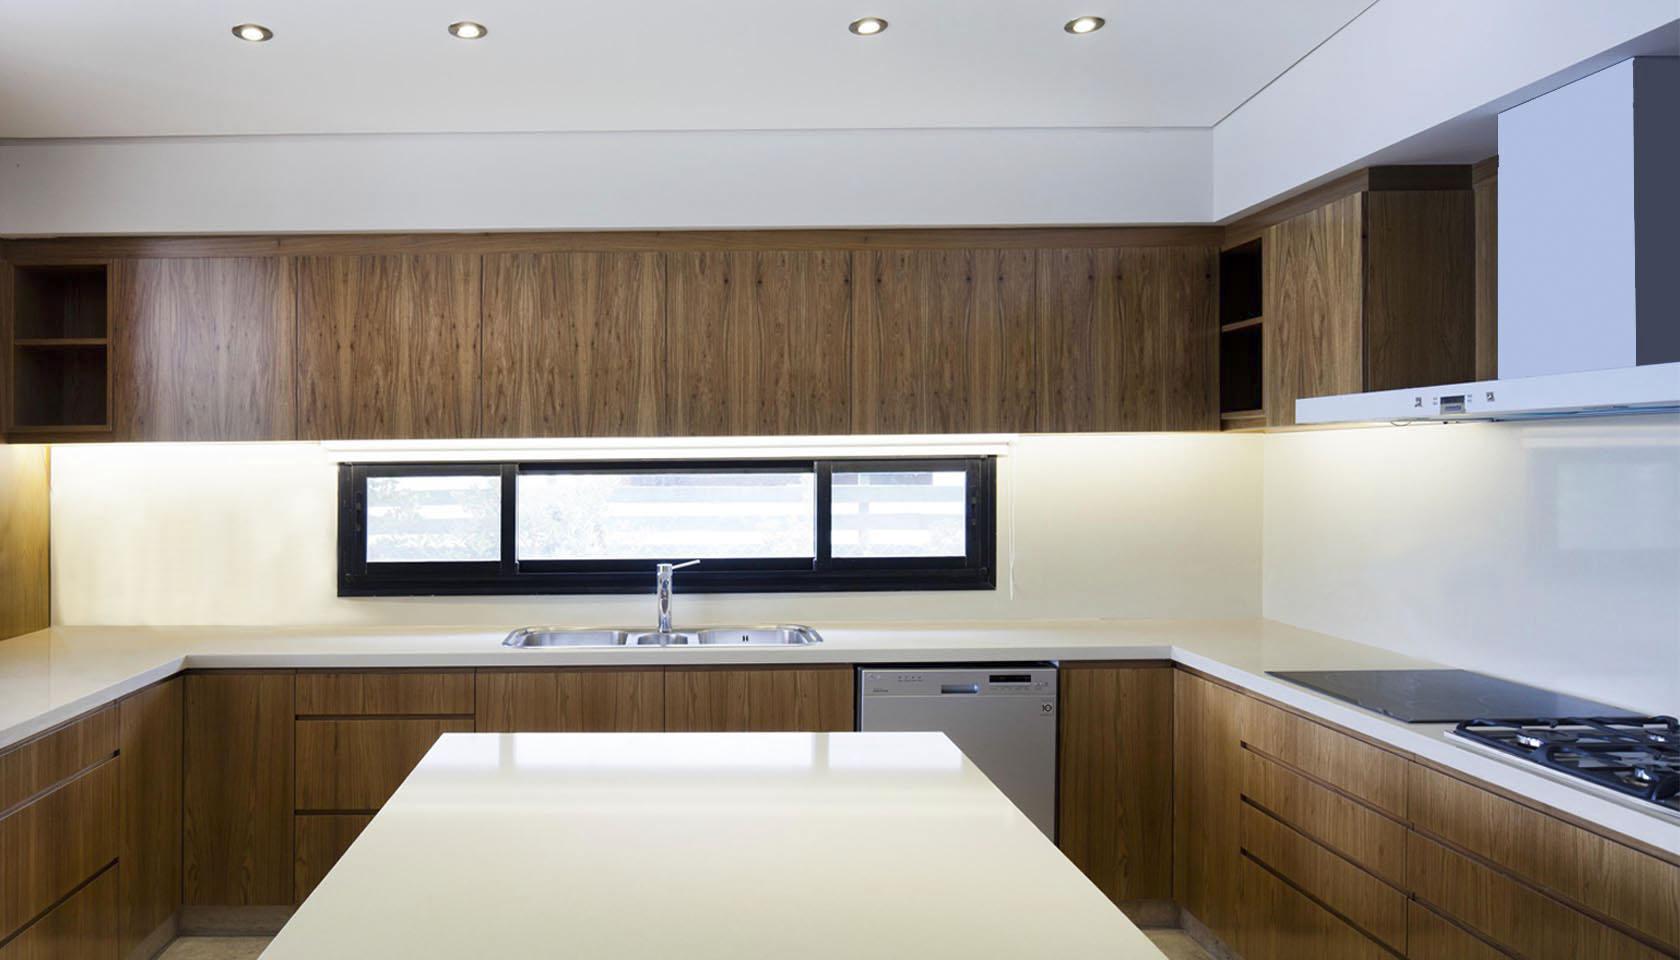 cocinas modernas, madera en cocinas